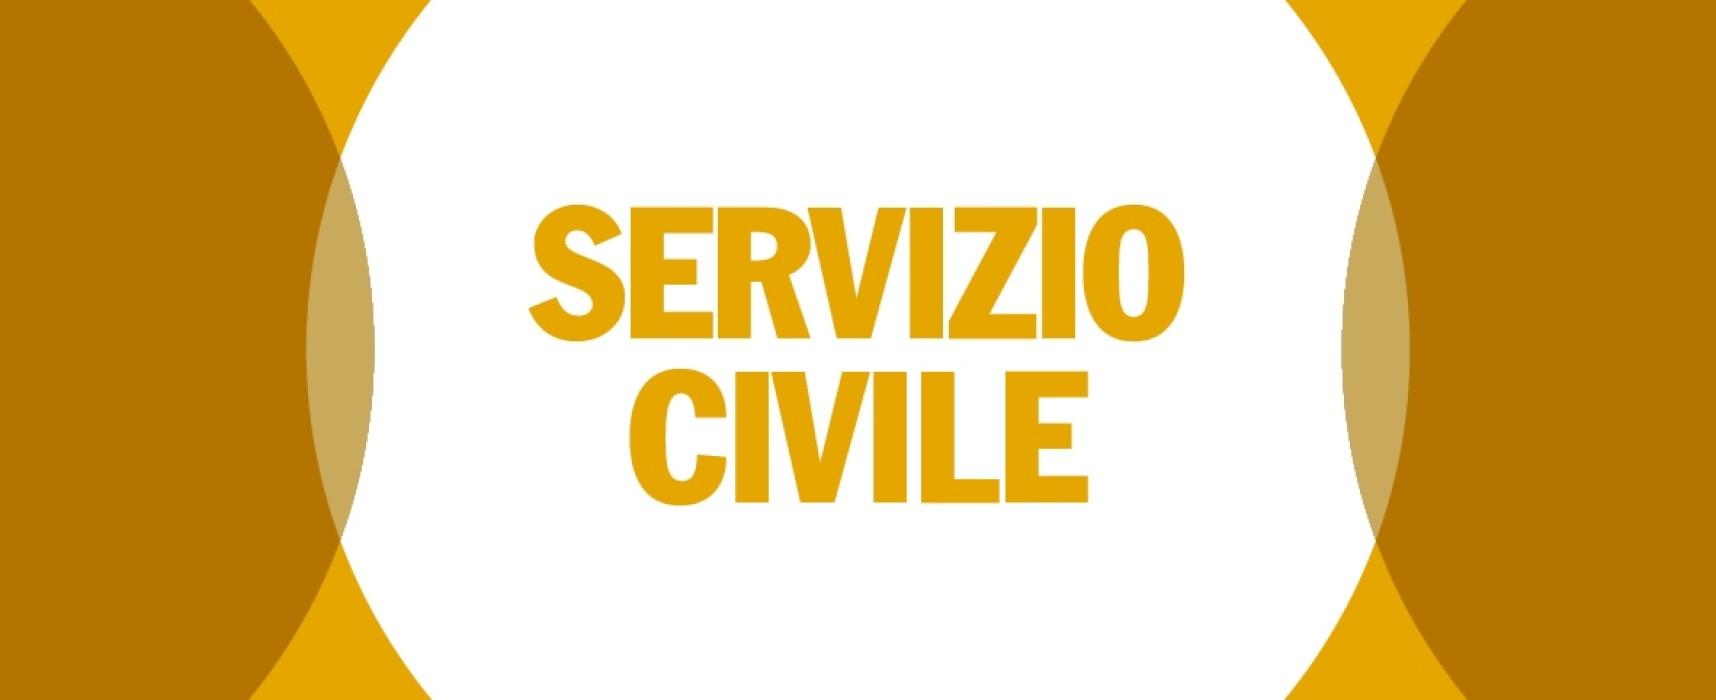 Giovanisì: Bando di Servizio Civile Regionale – 17 novembre/16 dicembre 2016